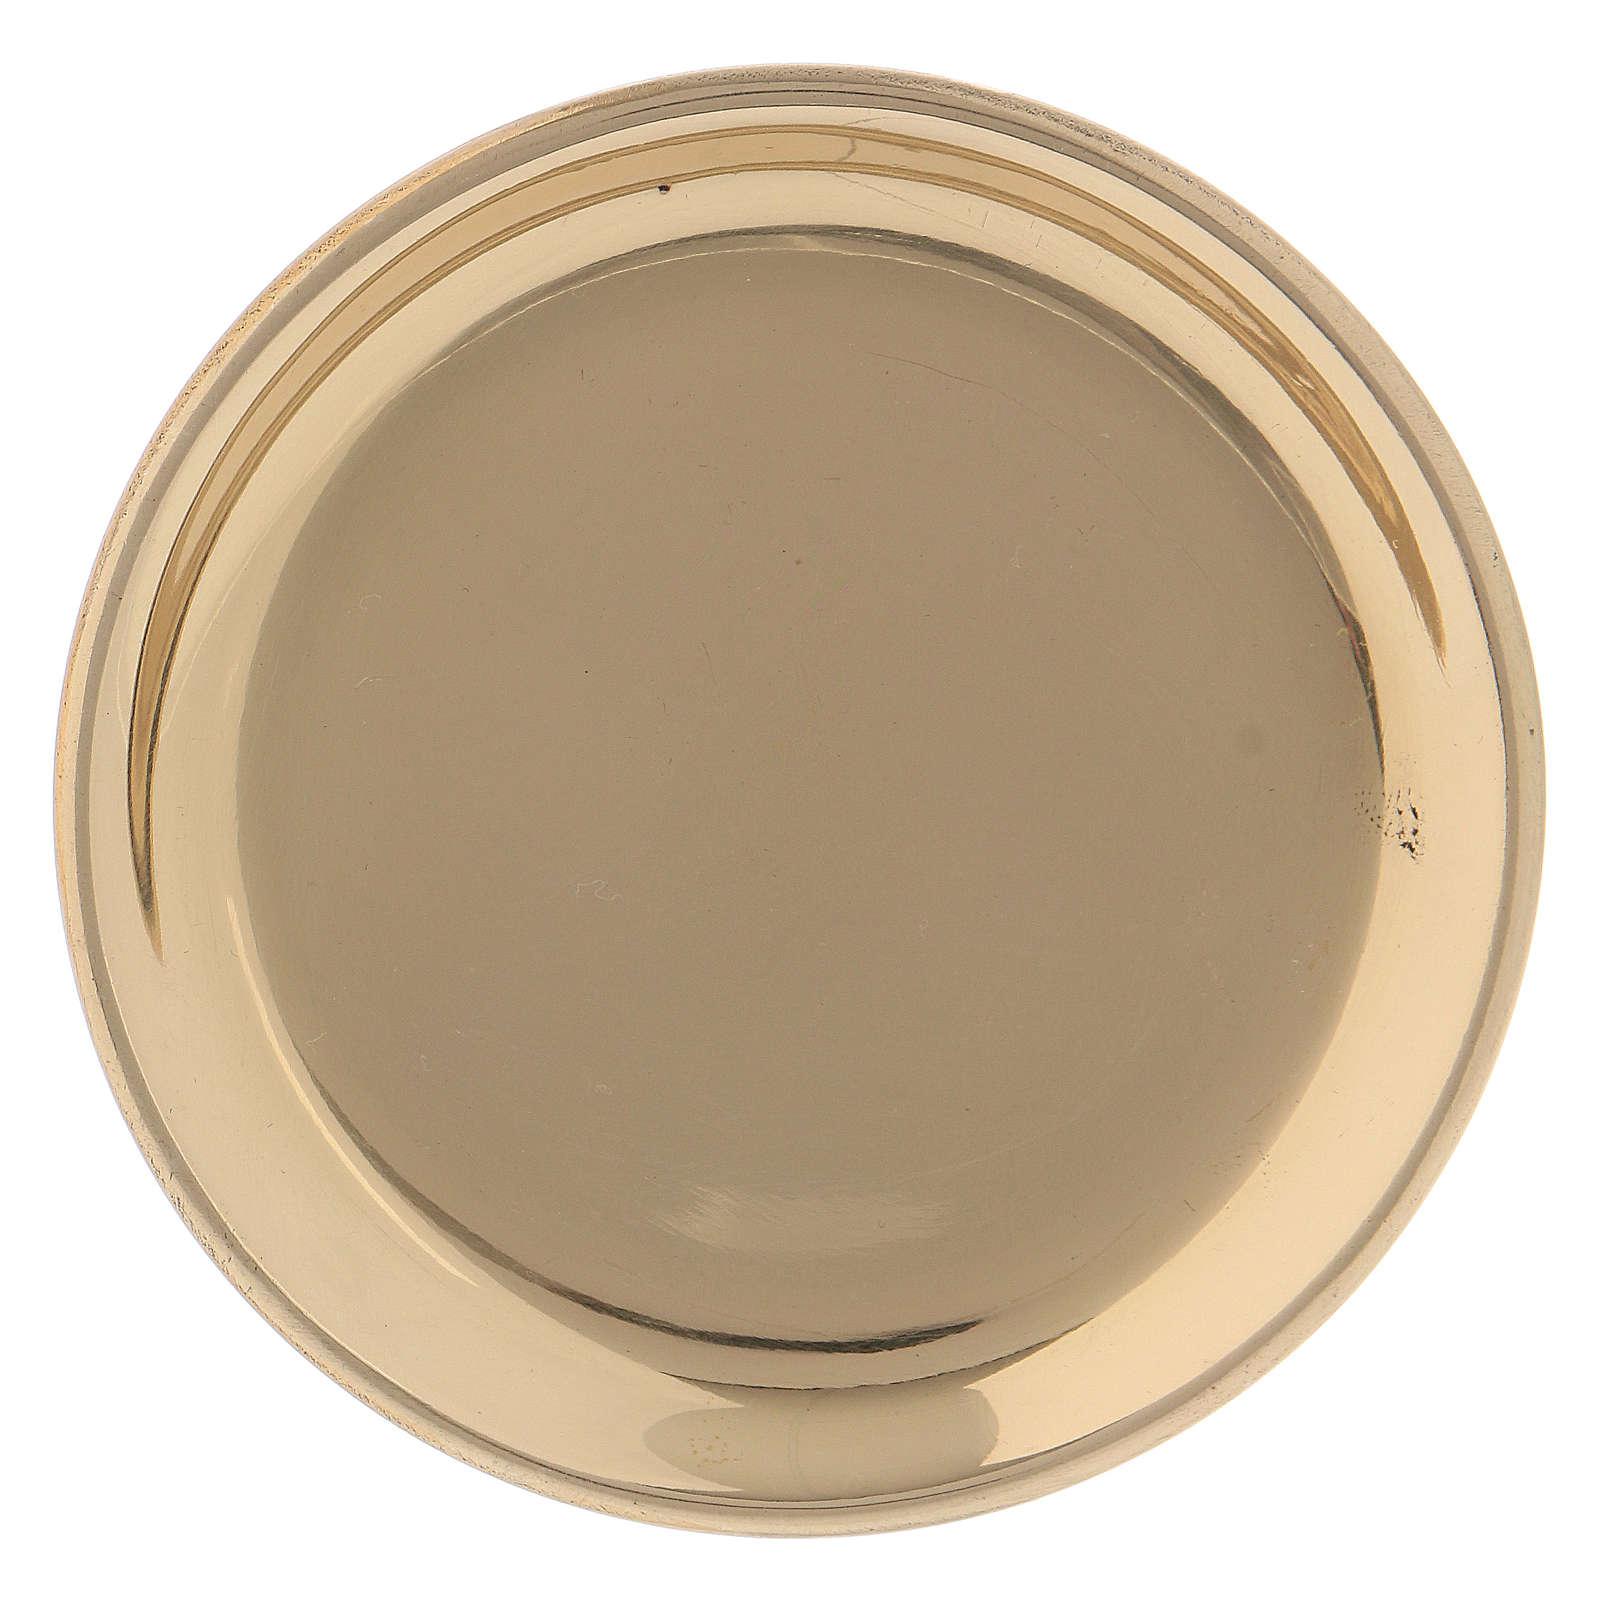 Assiette ronde laiton doré 10 cm 3